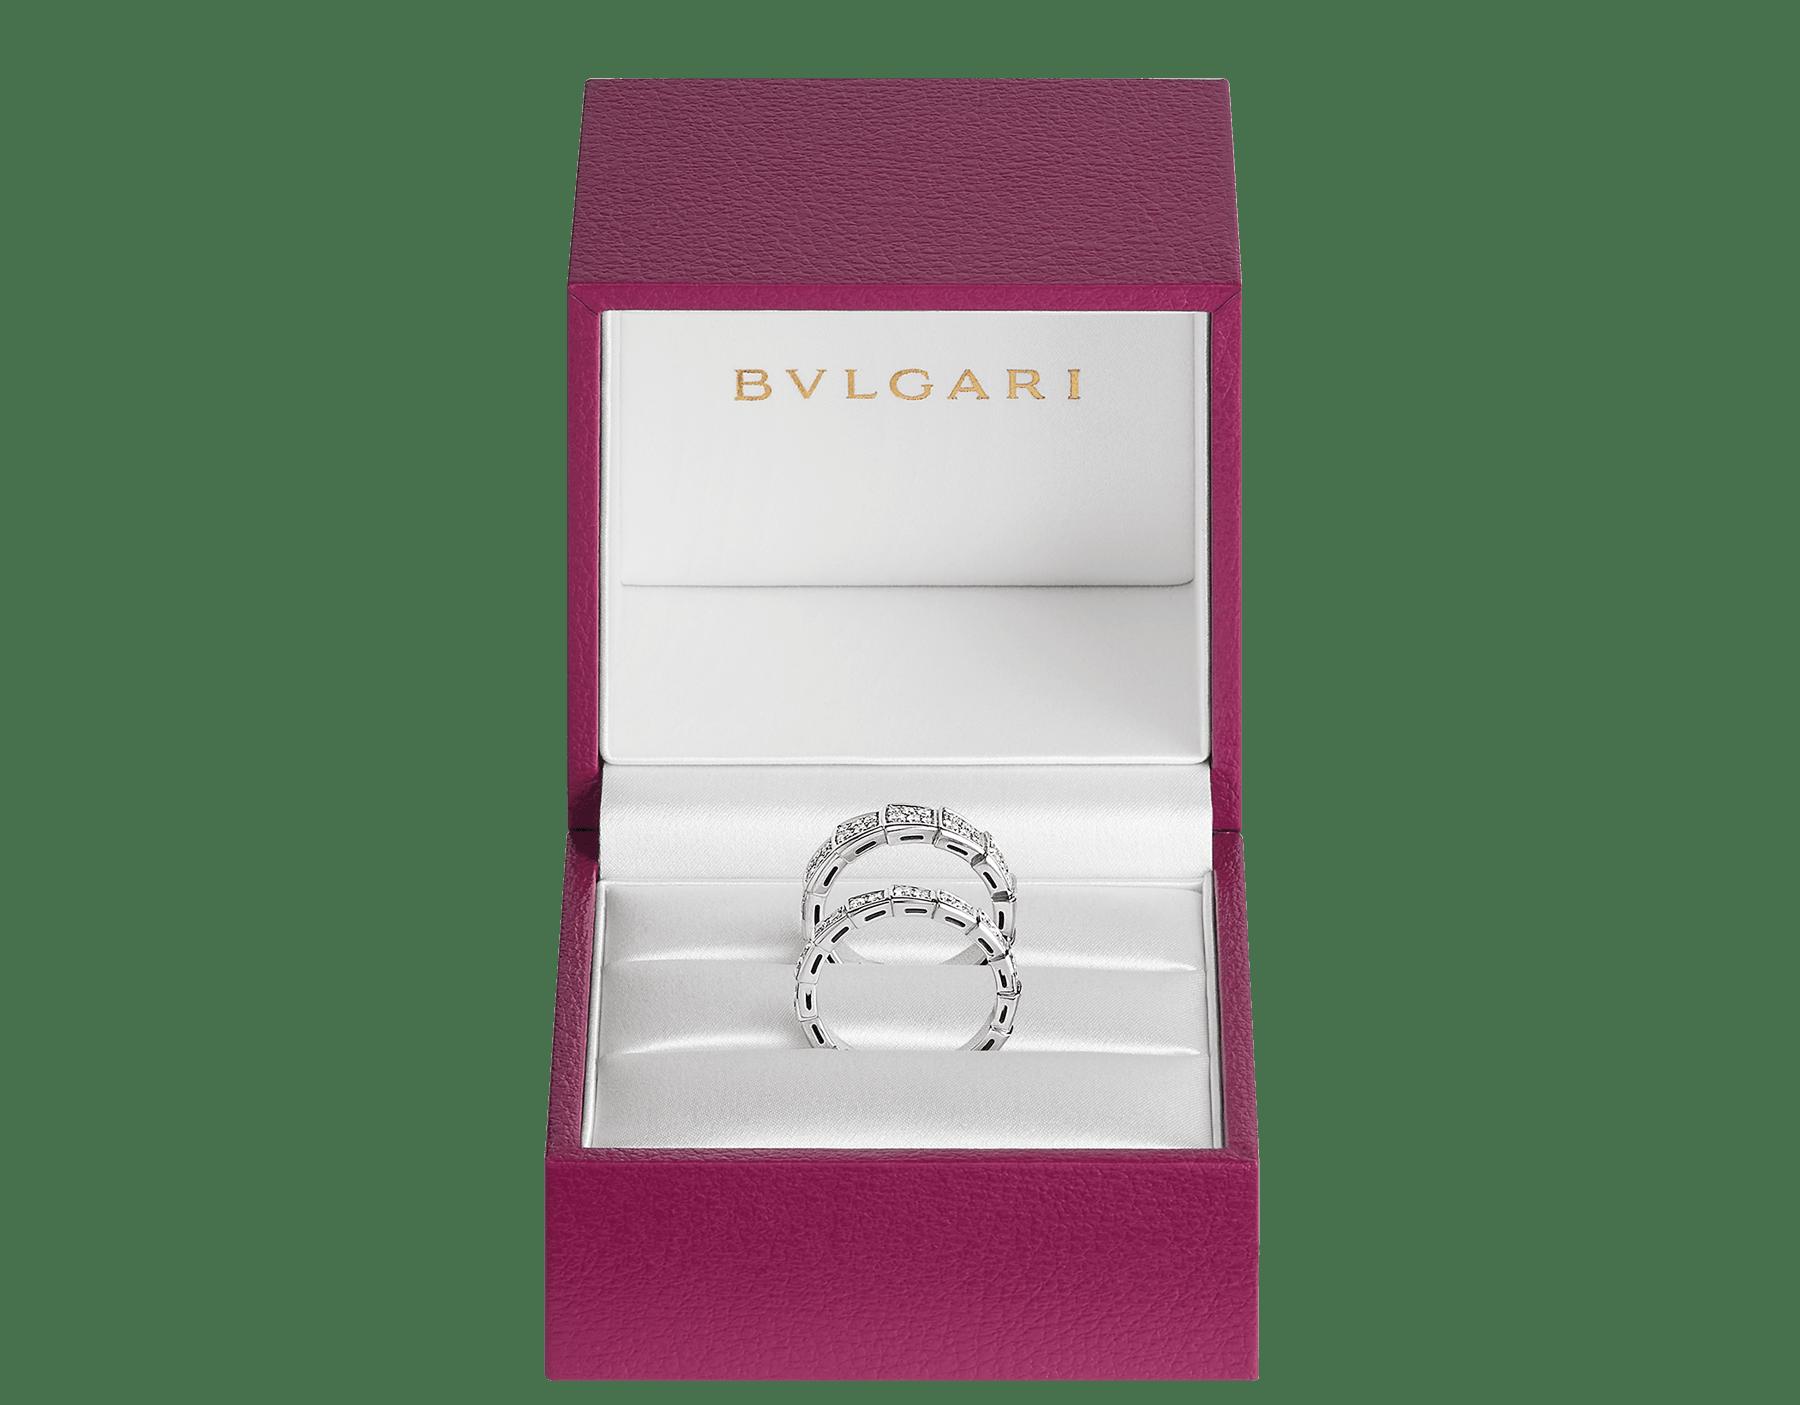 Serpenti Viper Ringe für Paare mit unterschiedlicher Höhe aus 18 Karat Weißgold, beide voll ausgefasst mit Diamanten. Ein faszinierendes Ring-Set, das ein hypnotisierendes Design mit der unwiderstehlichen Anziehungskraft der Schlange verschmelzen lässt. SERPENTI-VIPER-COUPLES-RINGS-5 image 2